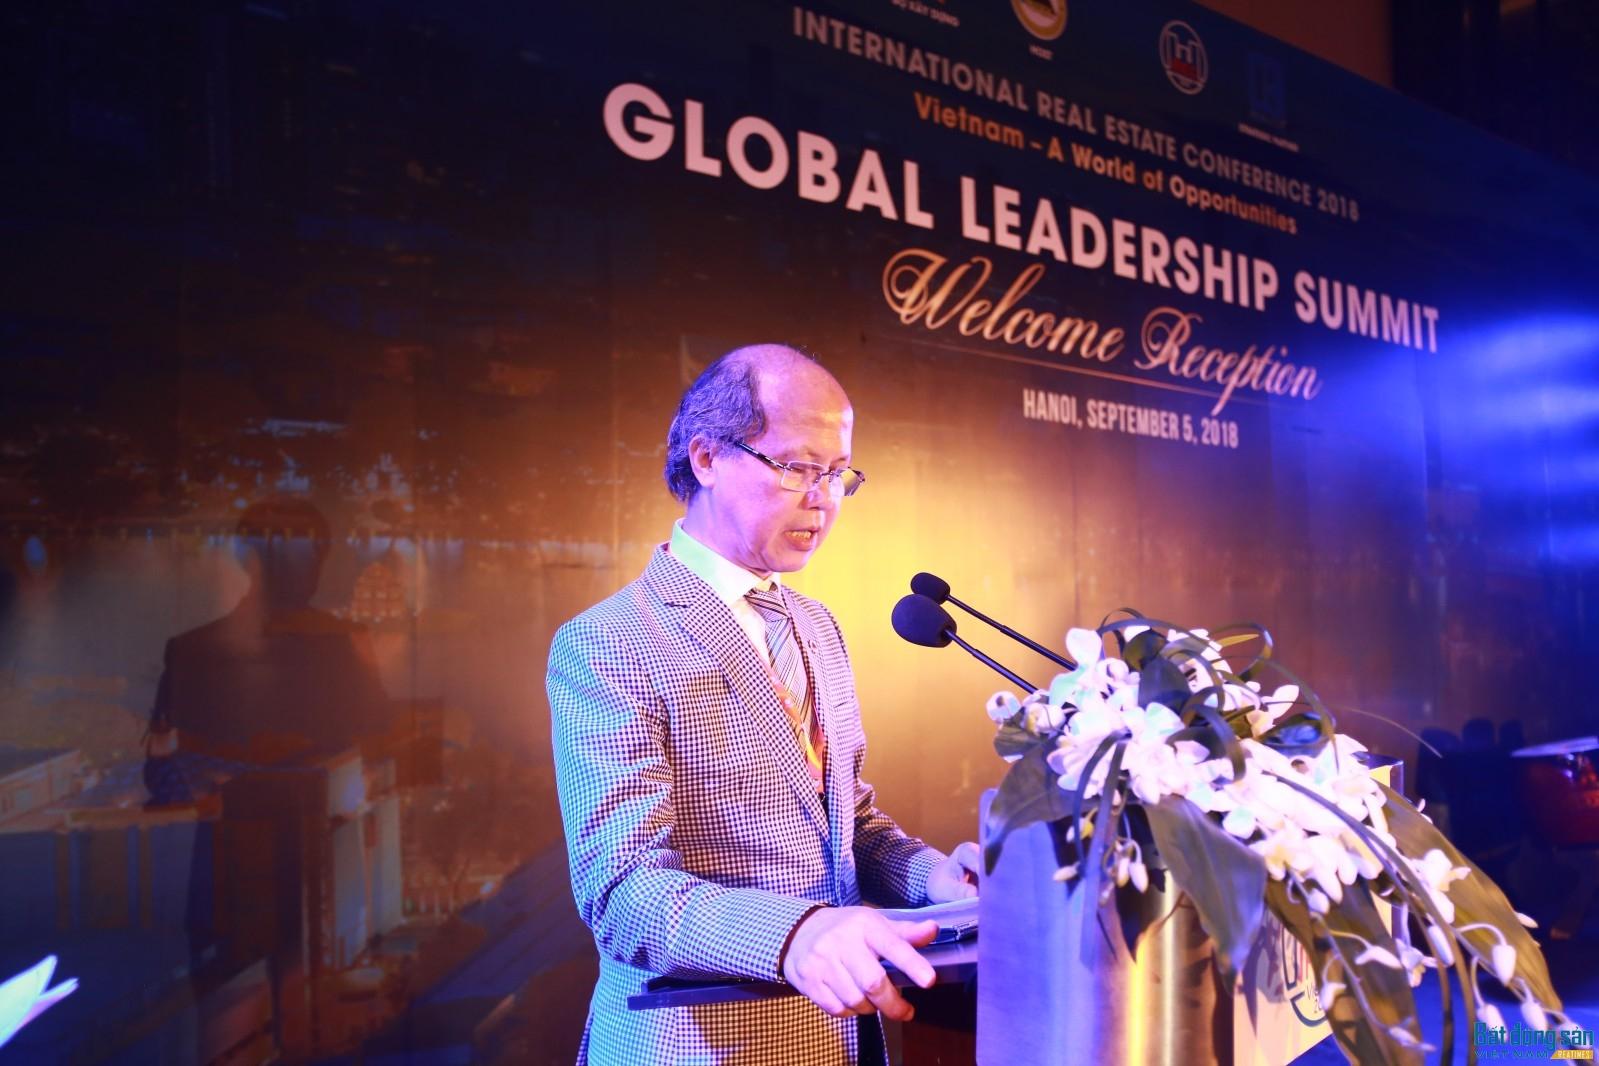 Thứ trưởng Nguyễn Trần Nam phát biểu khai mạc tiệc